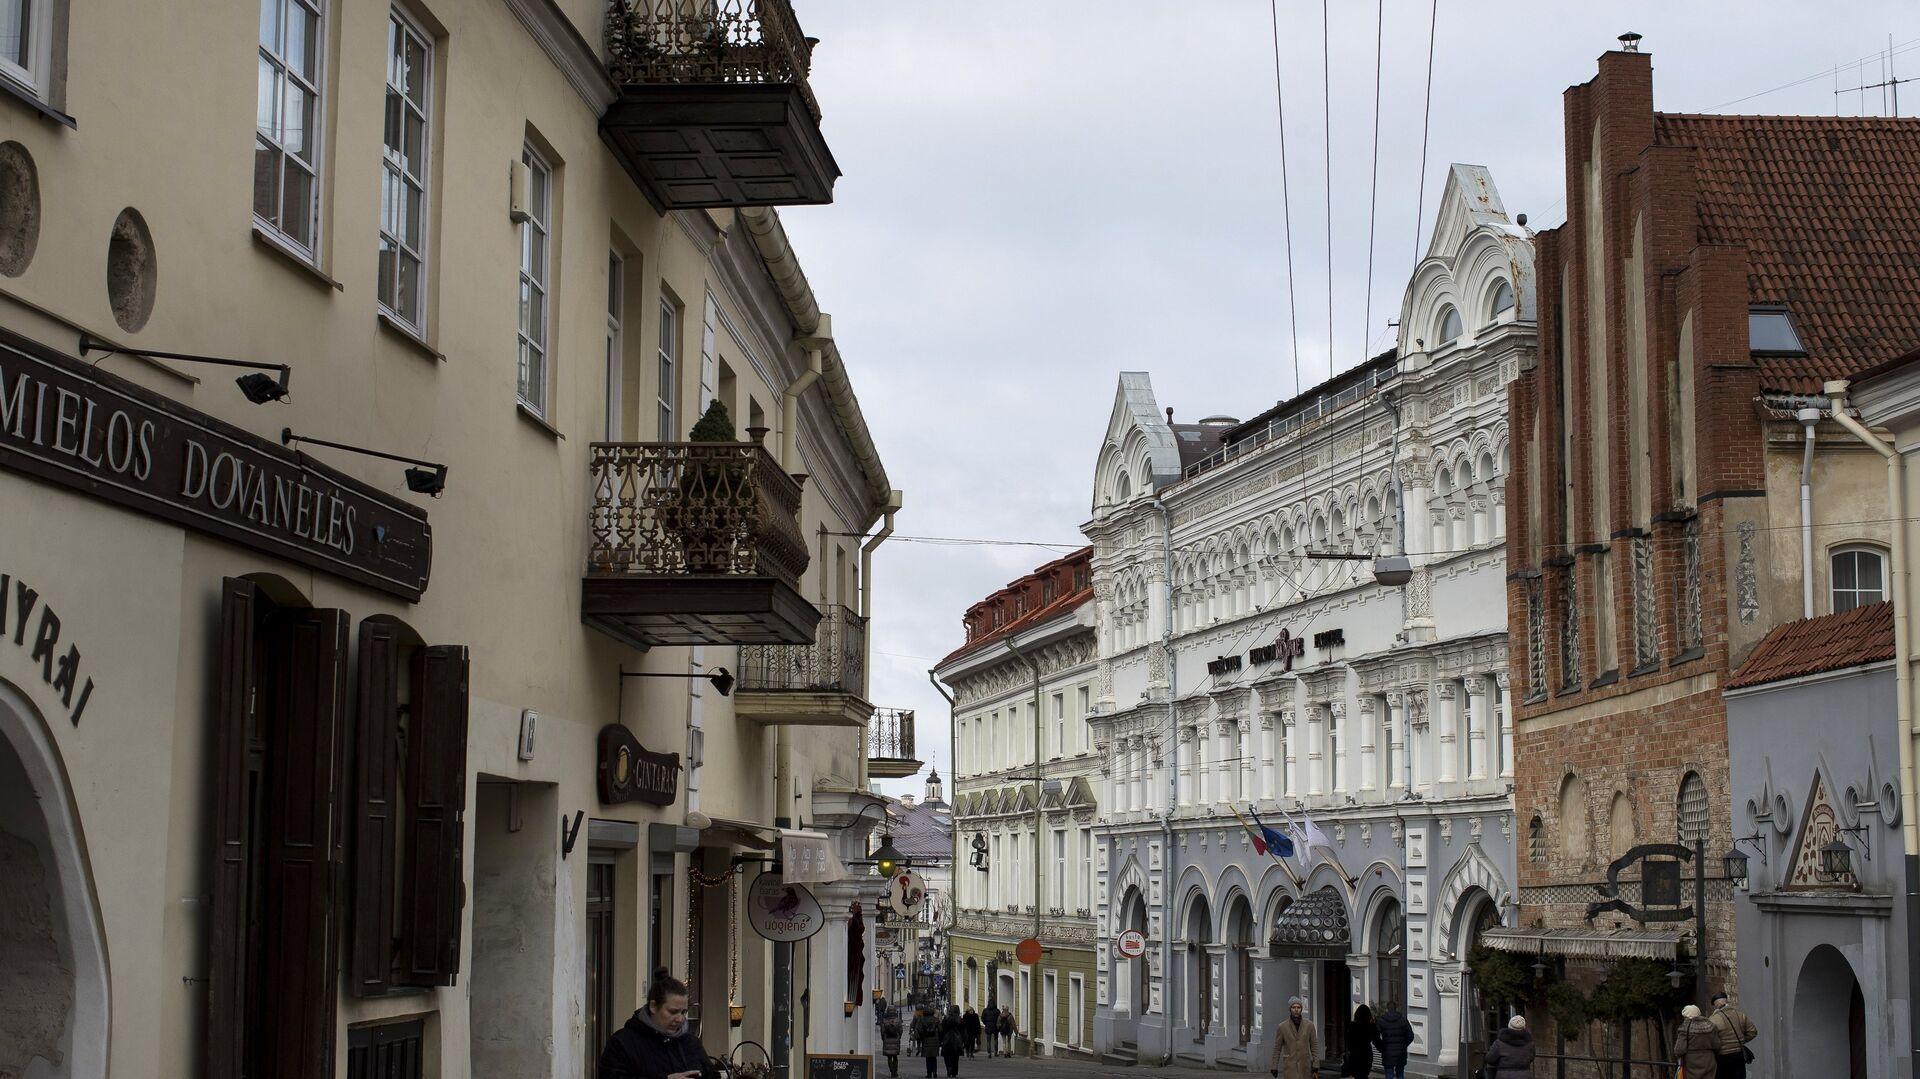 Одна из улиц старого города в Вильнюсе - РИА Новости, 1920, 27.04.2021